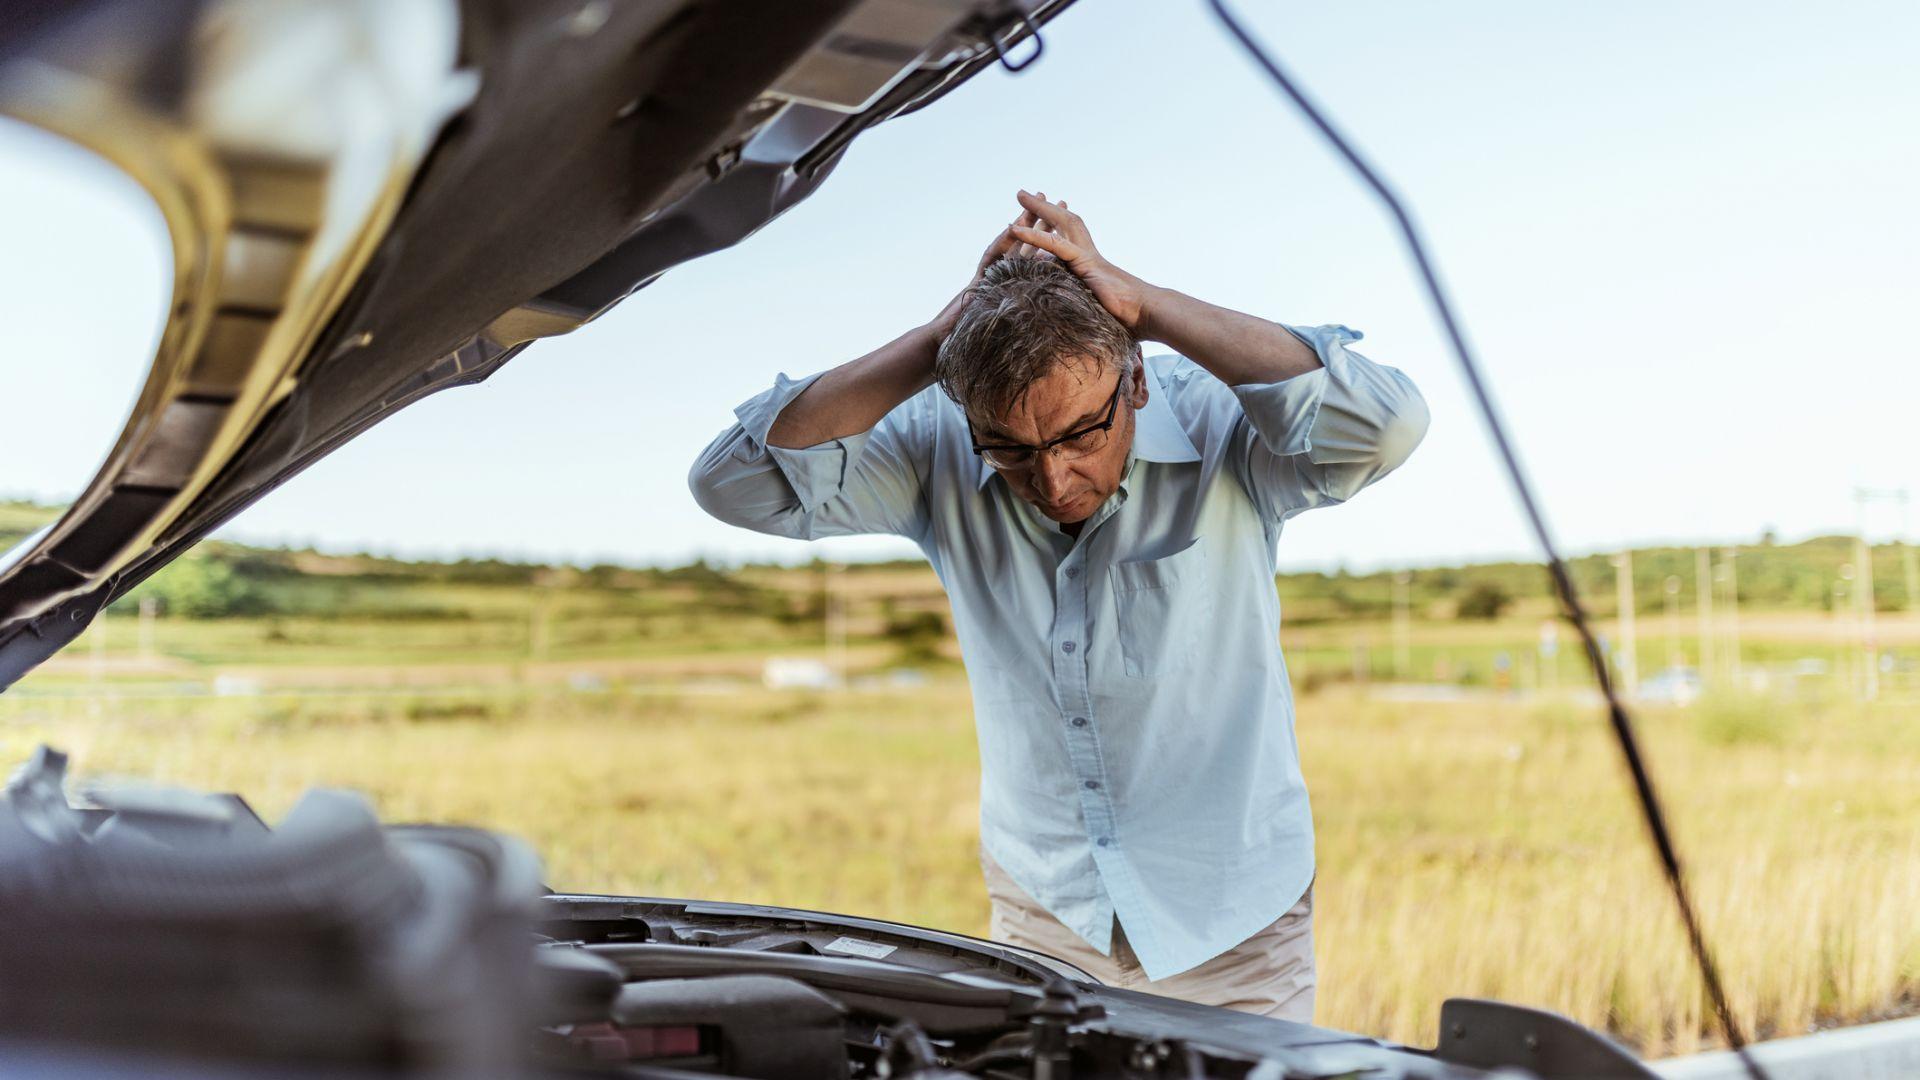 Автокаското на Лев Инс предлага безплатна аварийна помощ